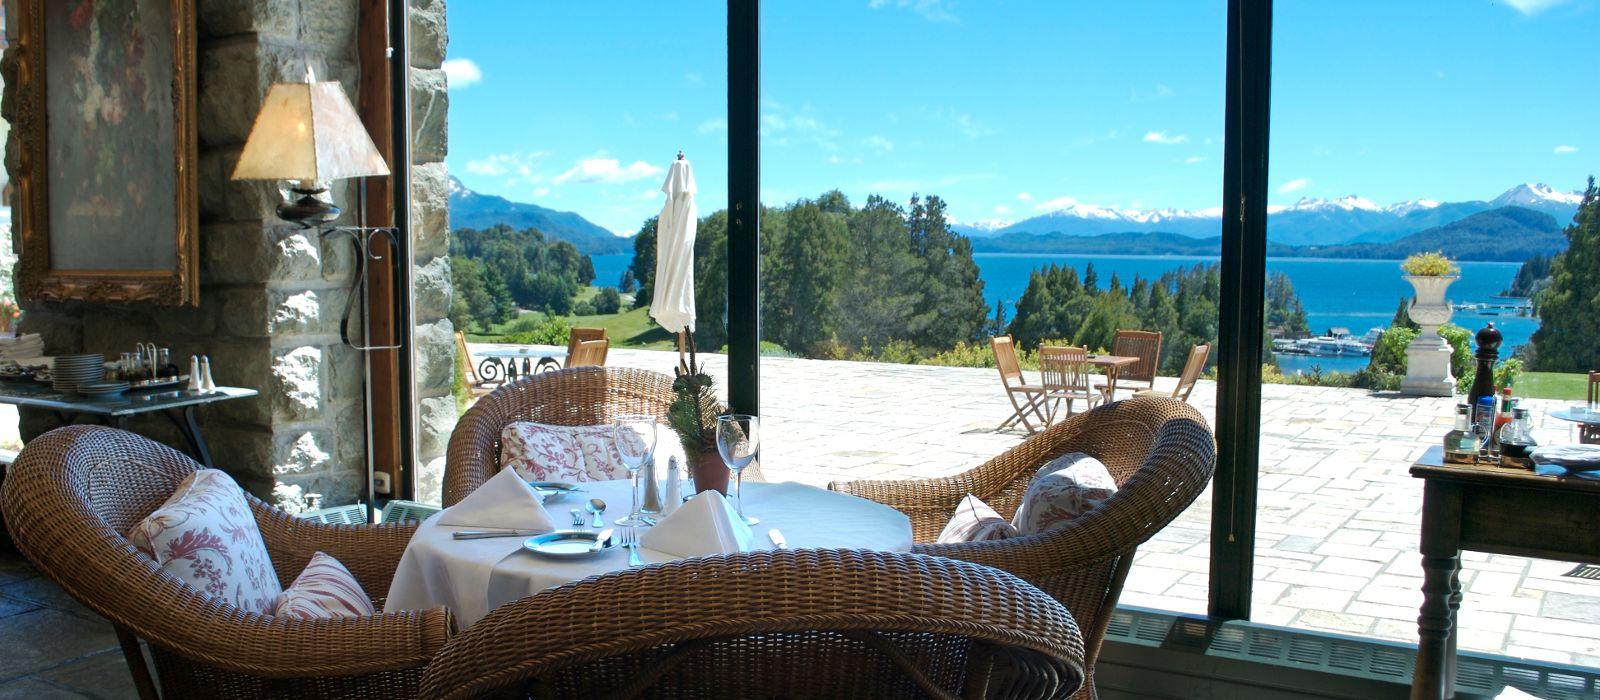 Hotel Llao Llao  & Resort Argentina